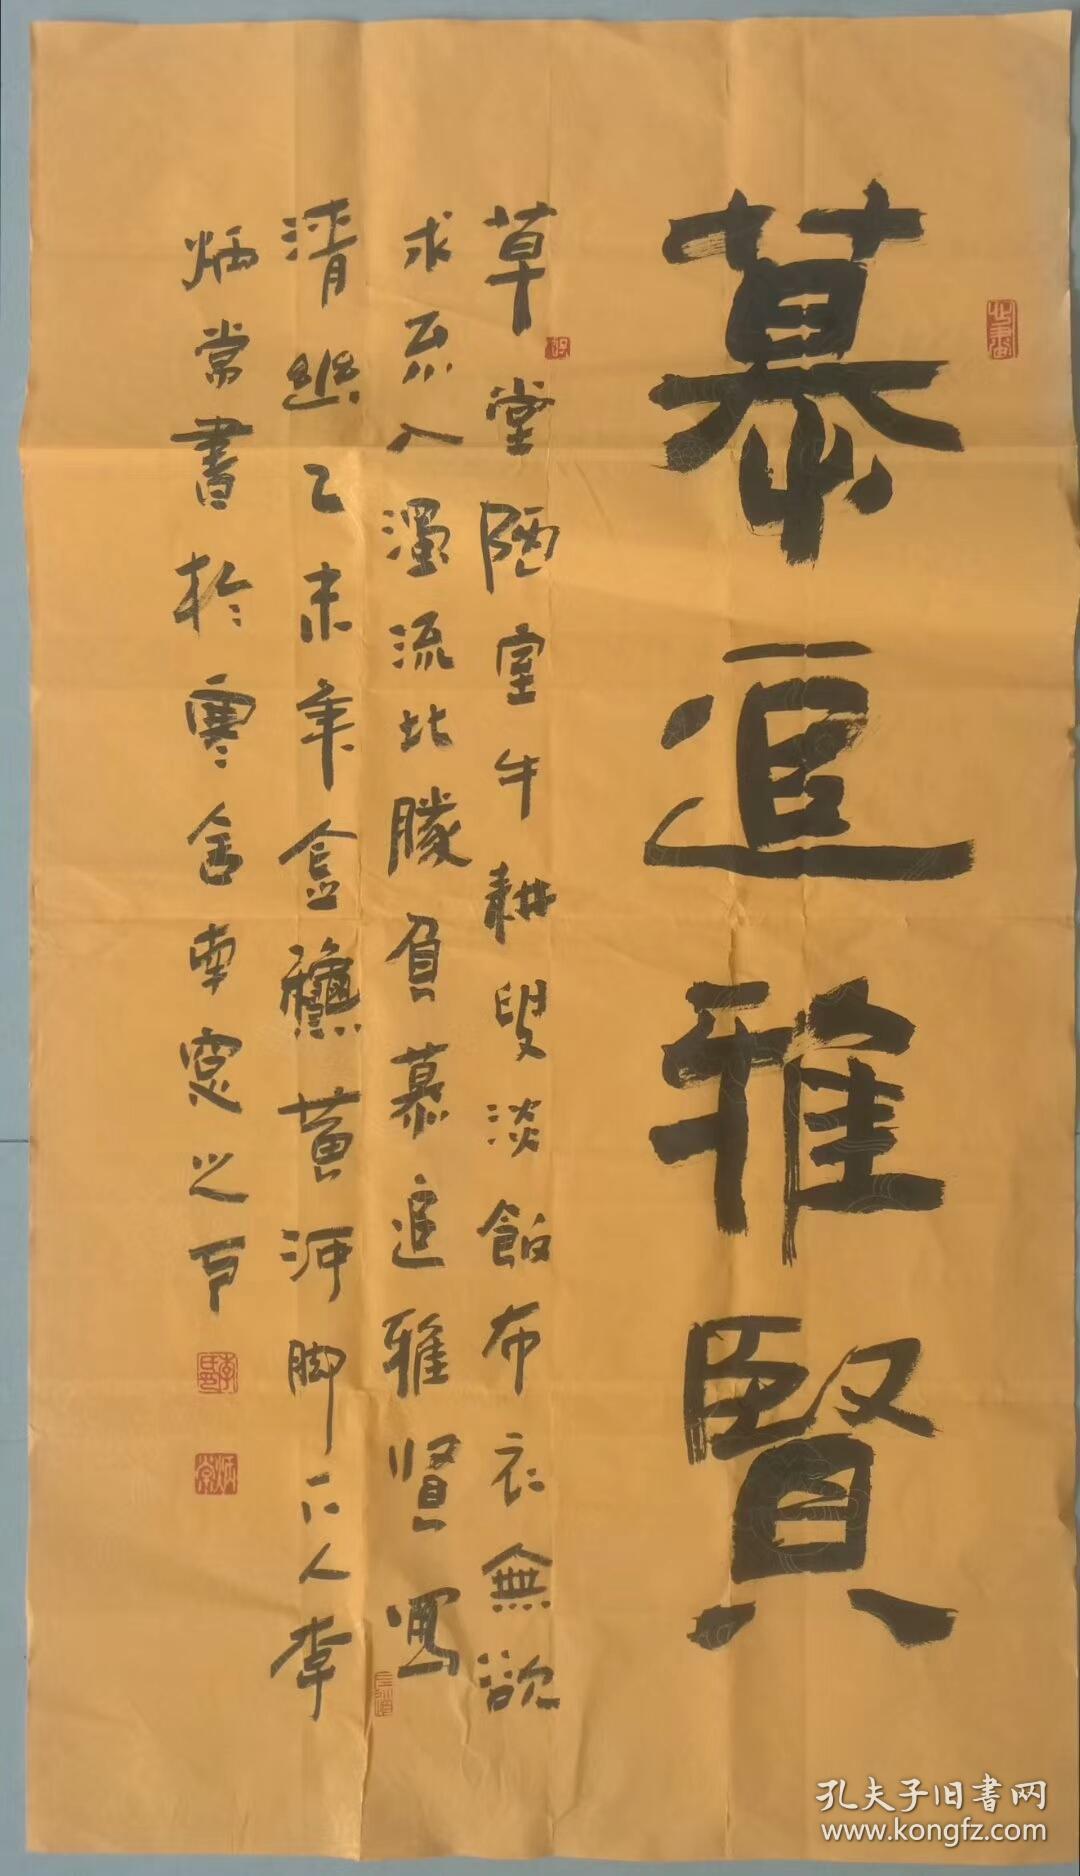 滨州市书法名家李炳常老师书法